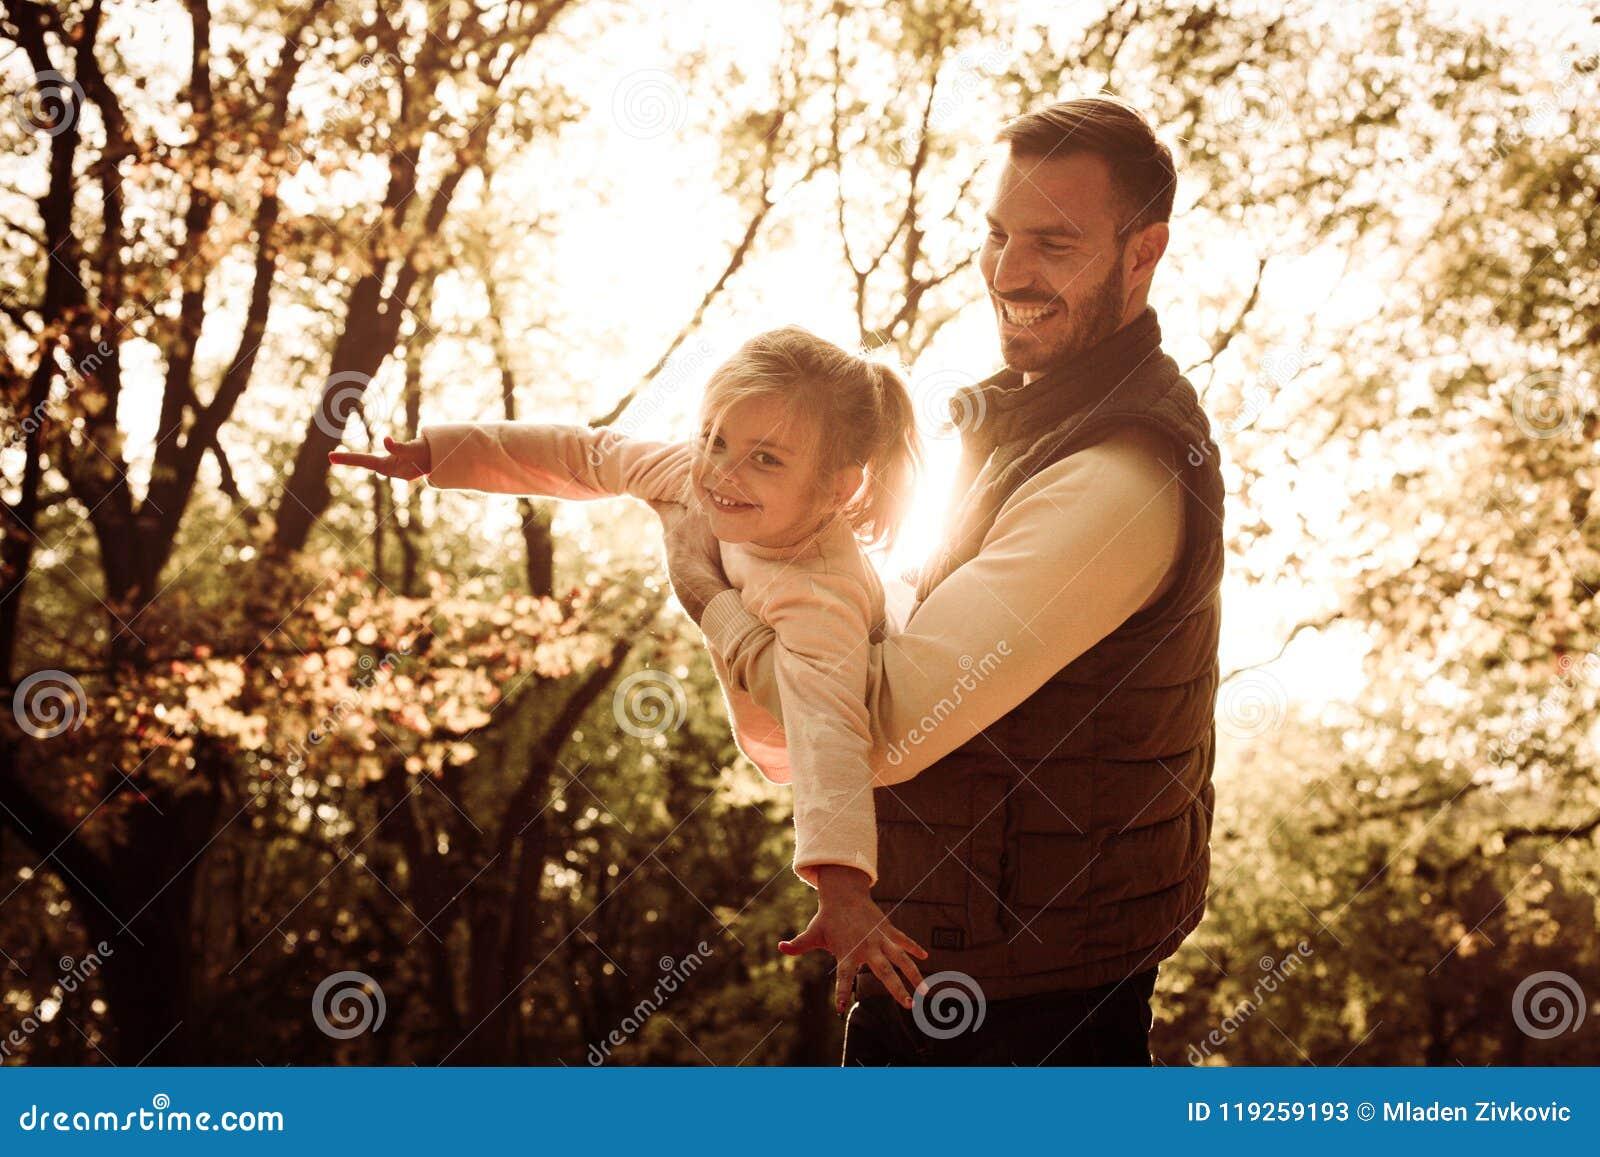 晴天本质上 父亲和女儿